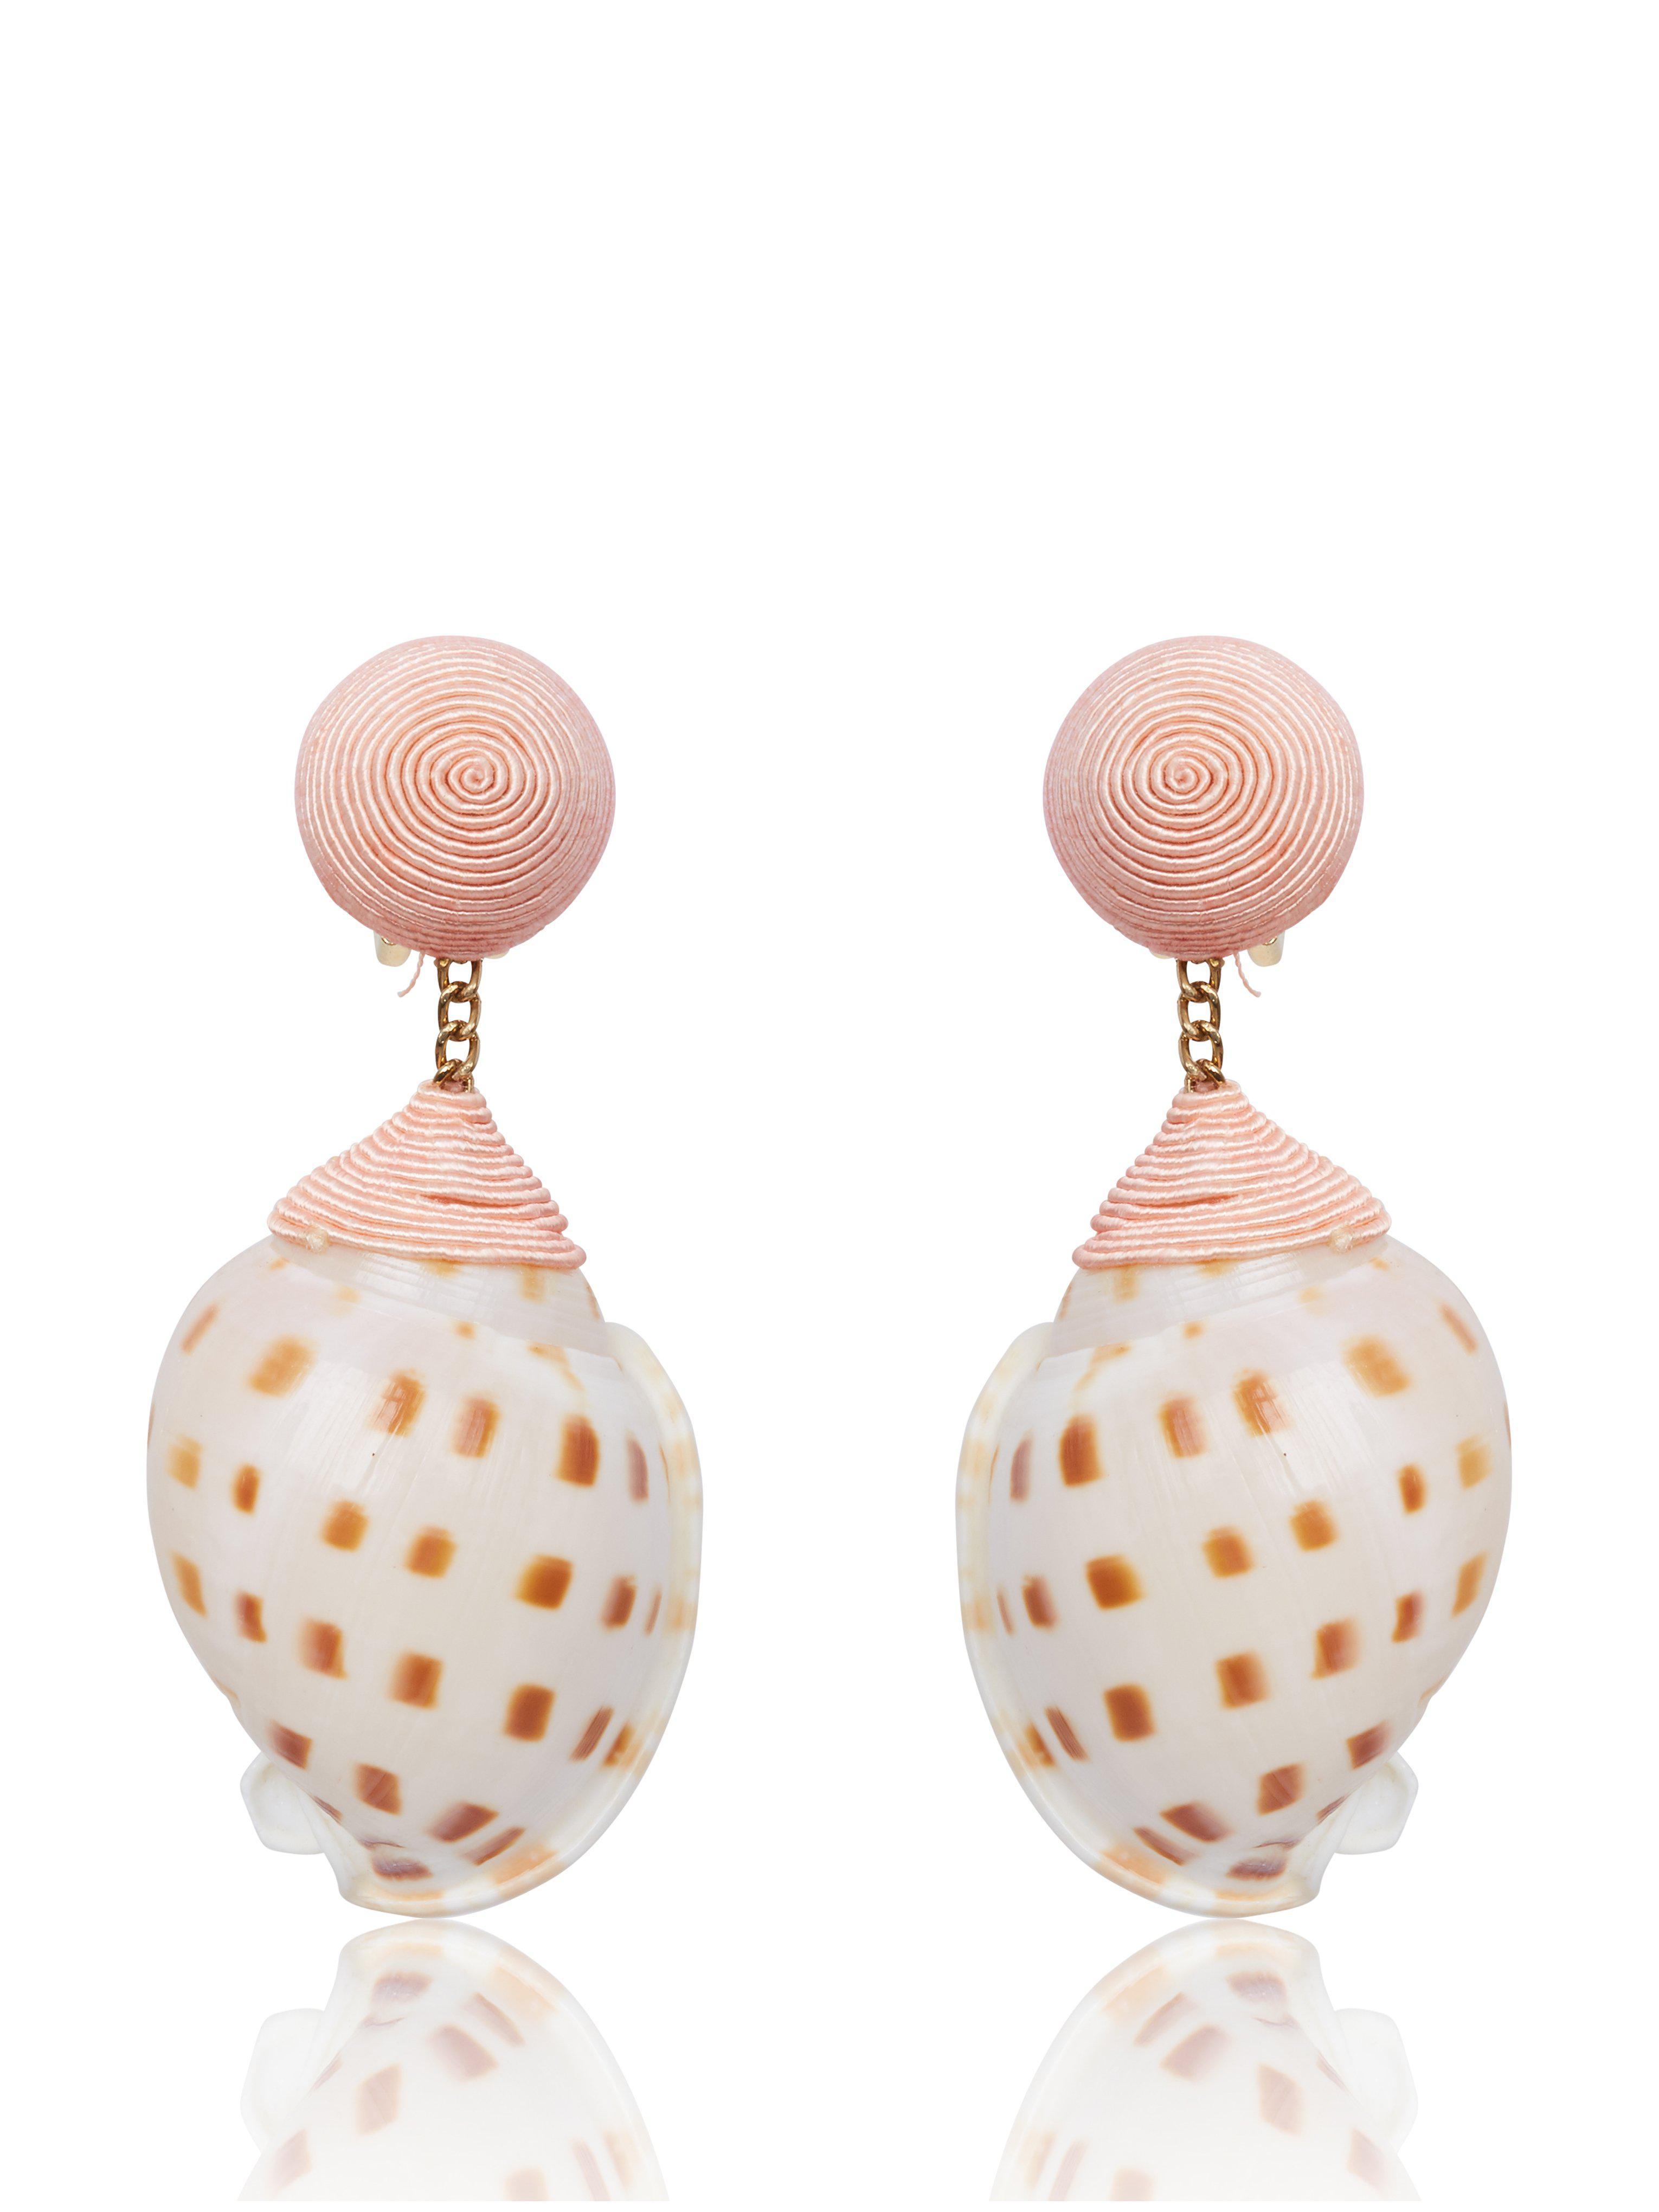 Ophelia Black Earrings Rebecca de Ravenel T4HaWr8q6